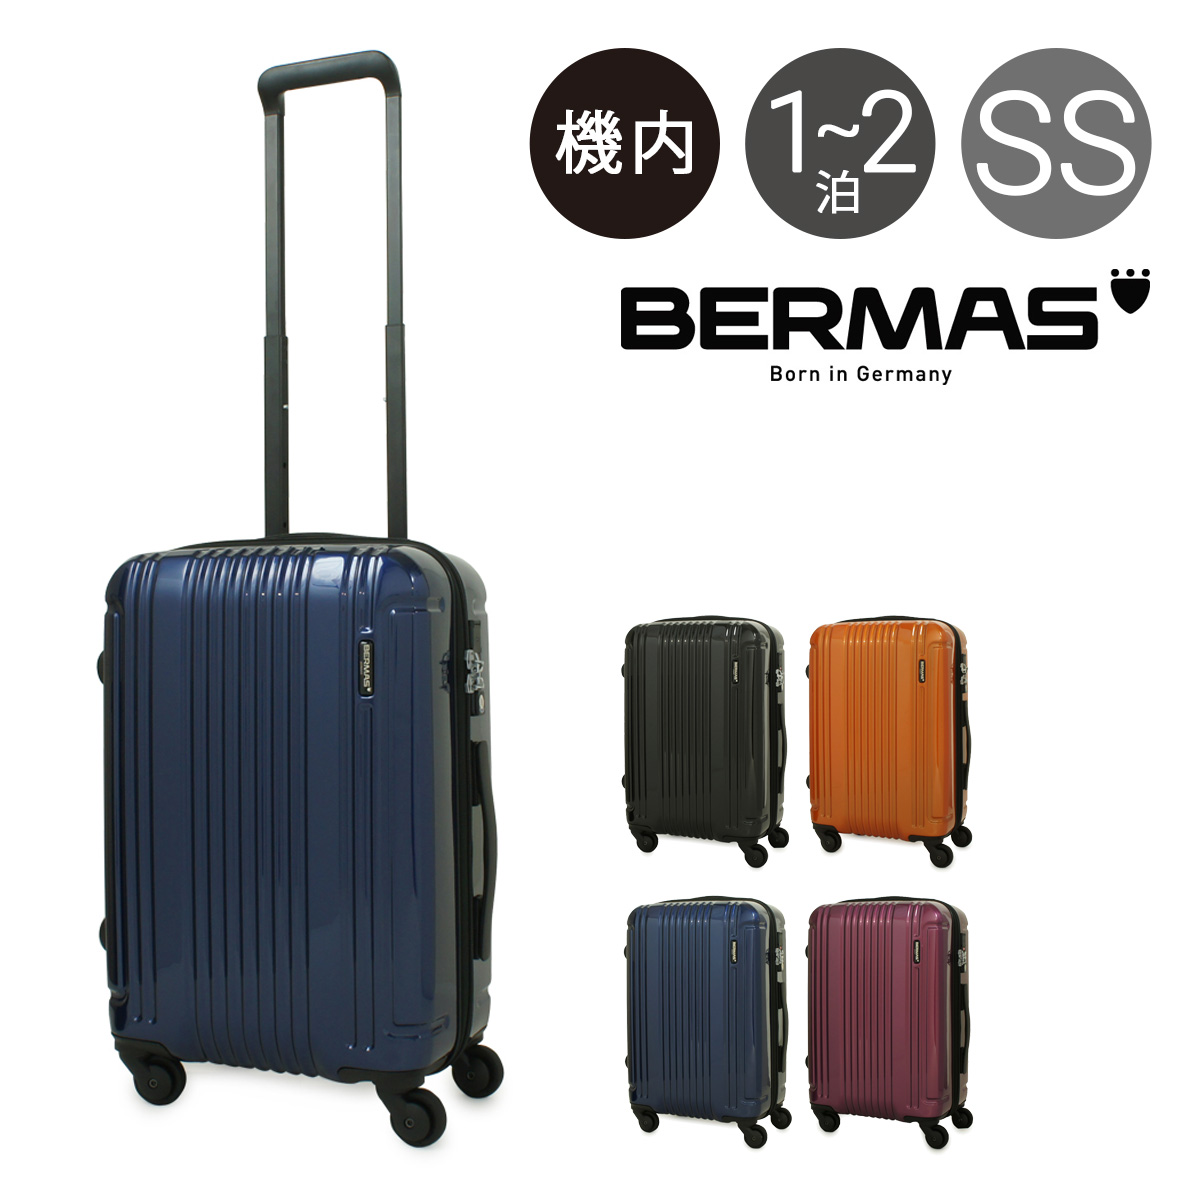 バーマス BERMAS スーツケース 60280 48cm コネクト 【 LCC機内持ち込み USBポート付 キャリーケース ハードキャリー TSAロック搭載 】【PO10】【bef】